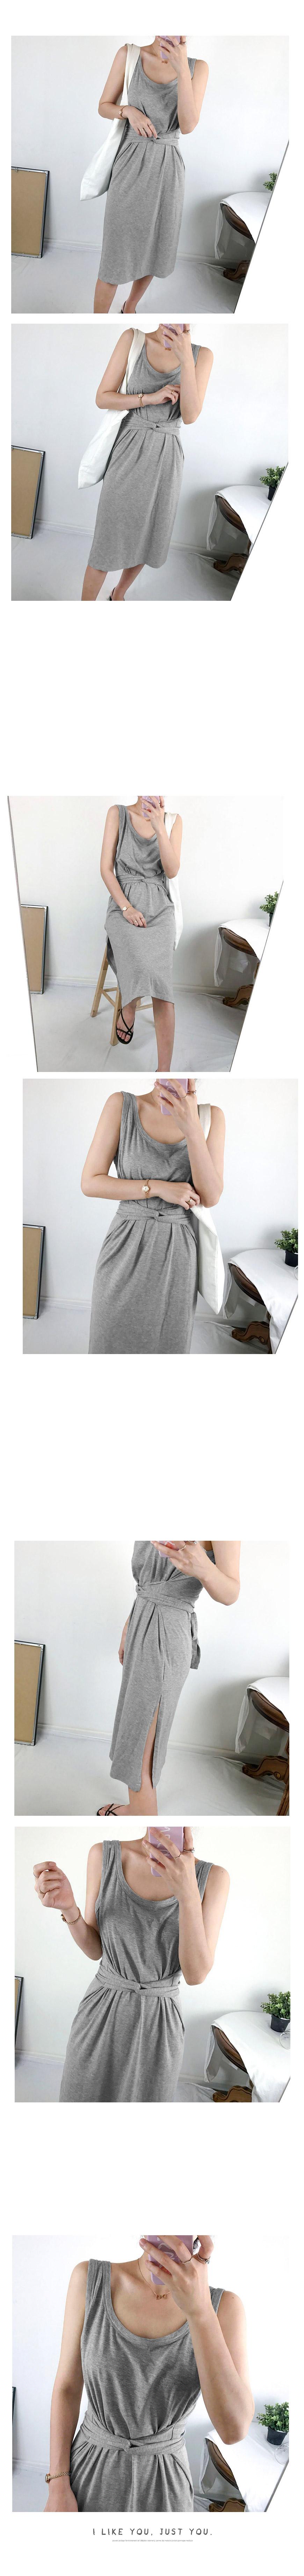 Nashi belt long dress 2color